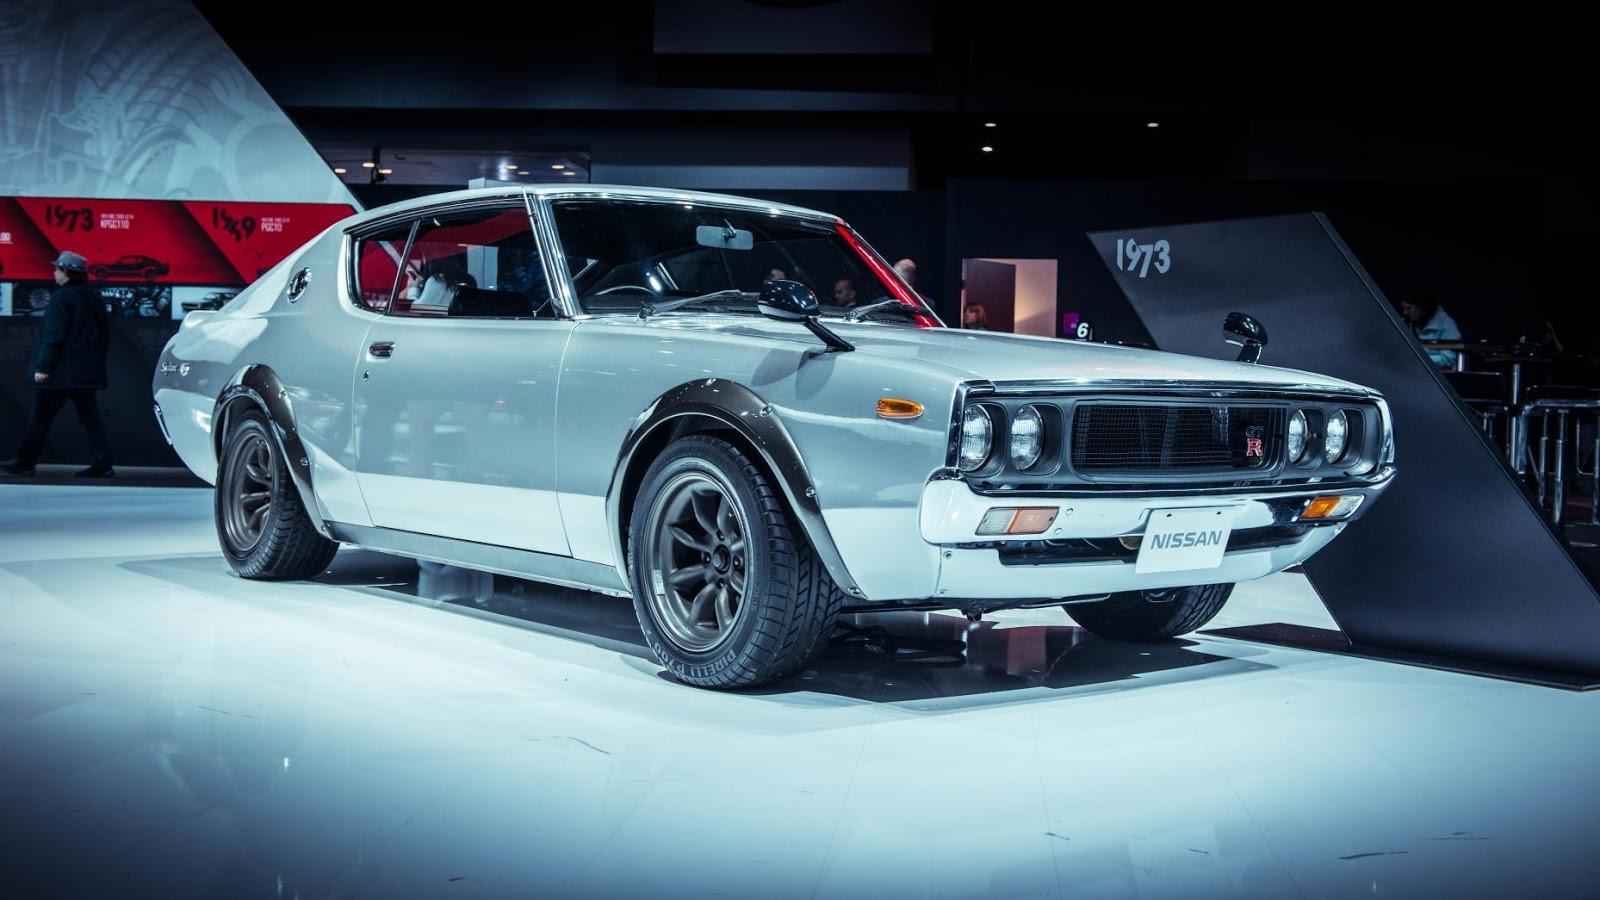 C110-gen Nissan Skyline GT-R